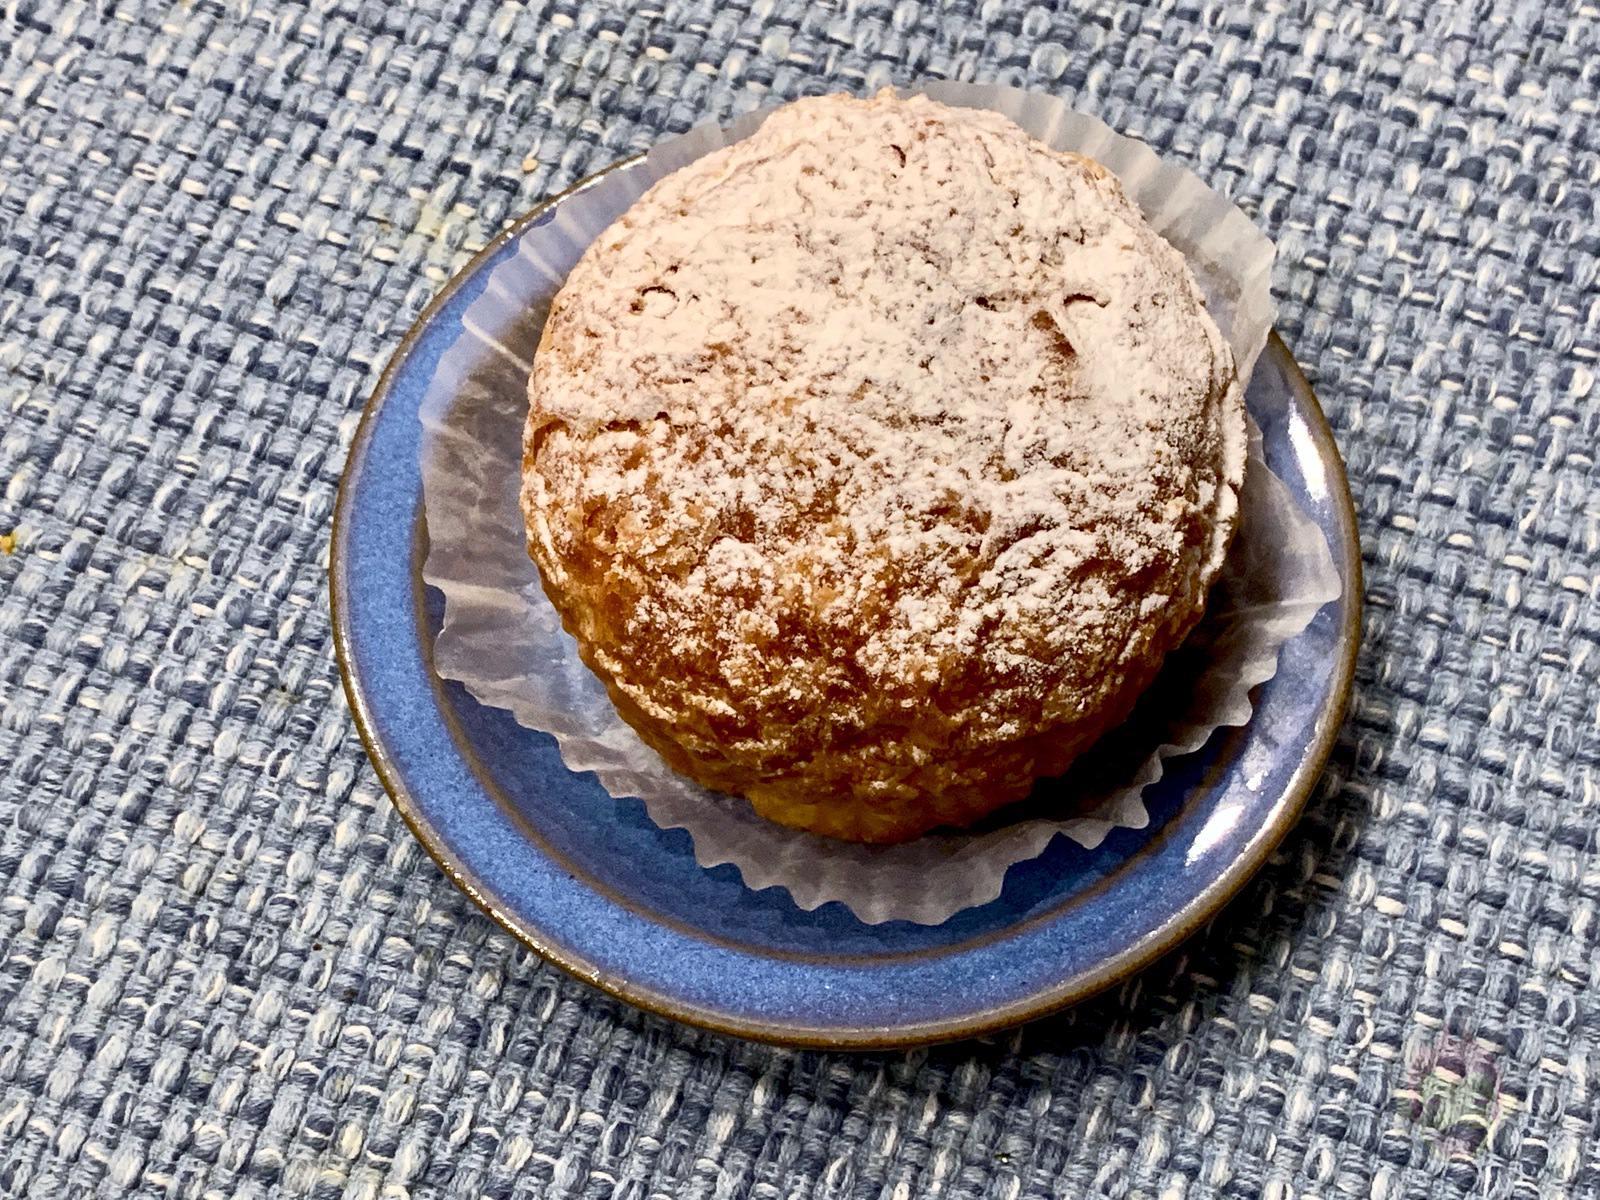 Costco-Croissant-cream-puff-02.jpg